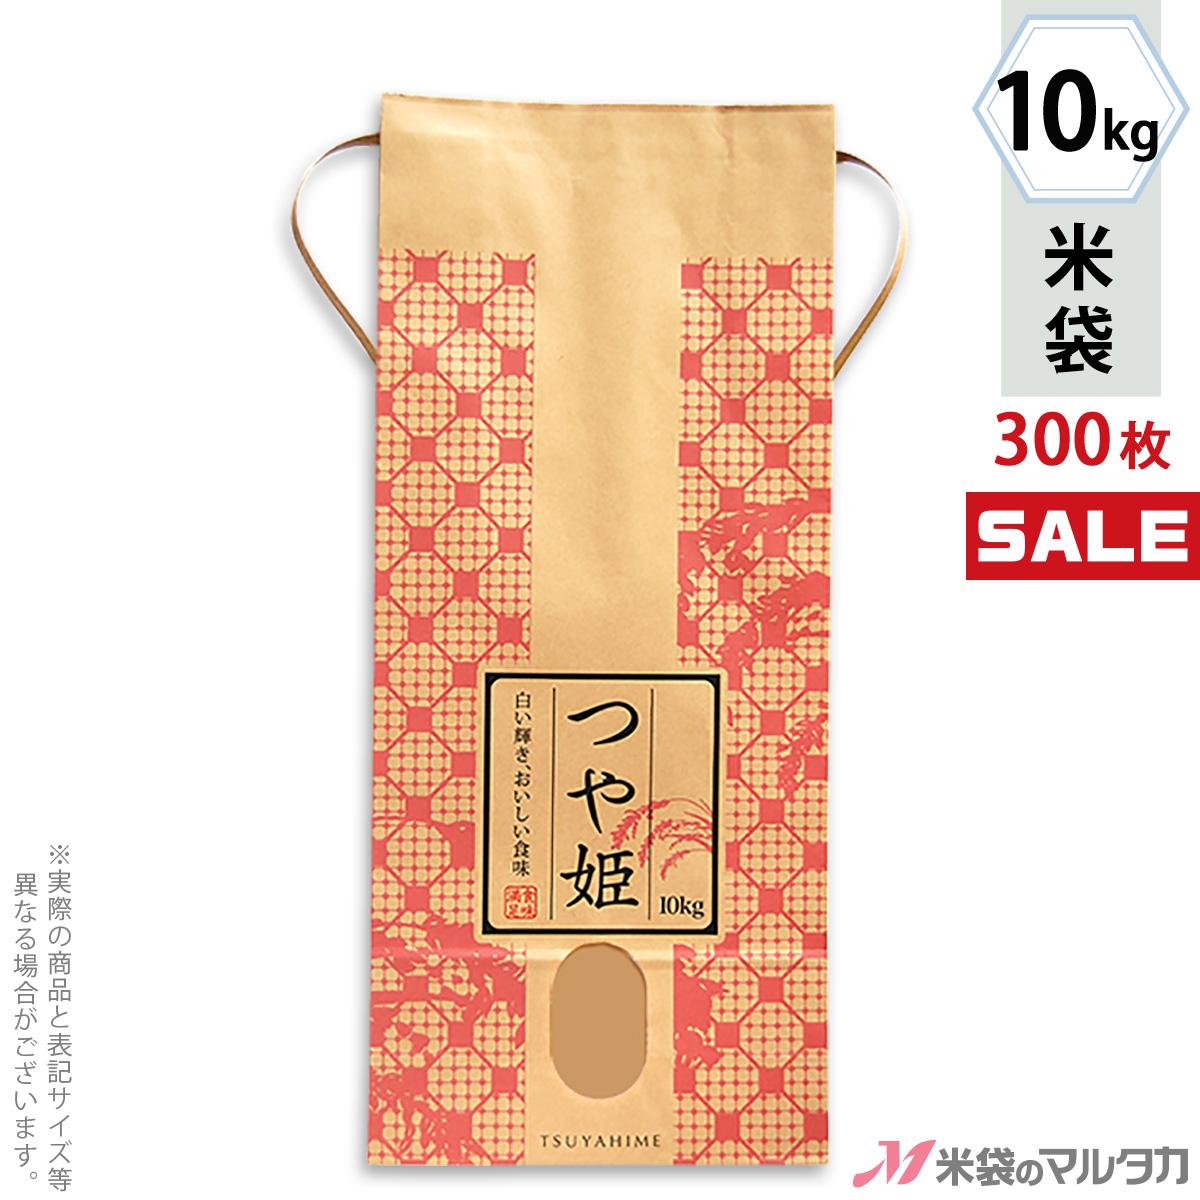 <キャンペーン対応>米袋 KH-0018 マルタカ クラフト つや姫 稲と格子(いねとこうし) 窓付 角底 10kg用紐付 【米袋 10kg】【1ケース(300枚入)】